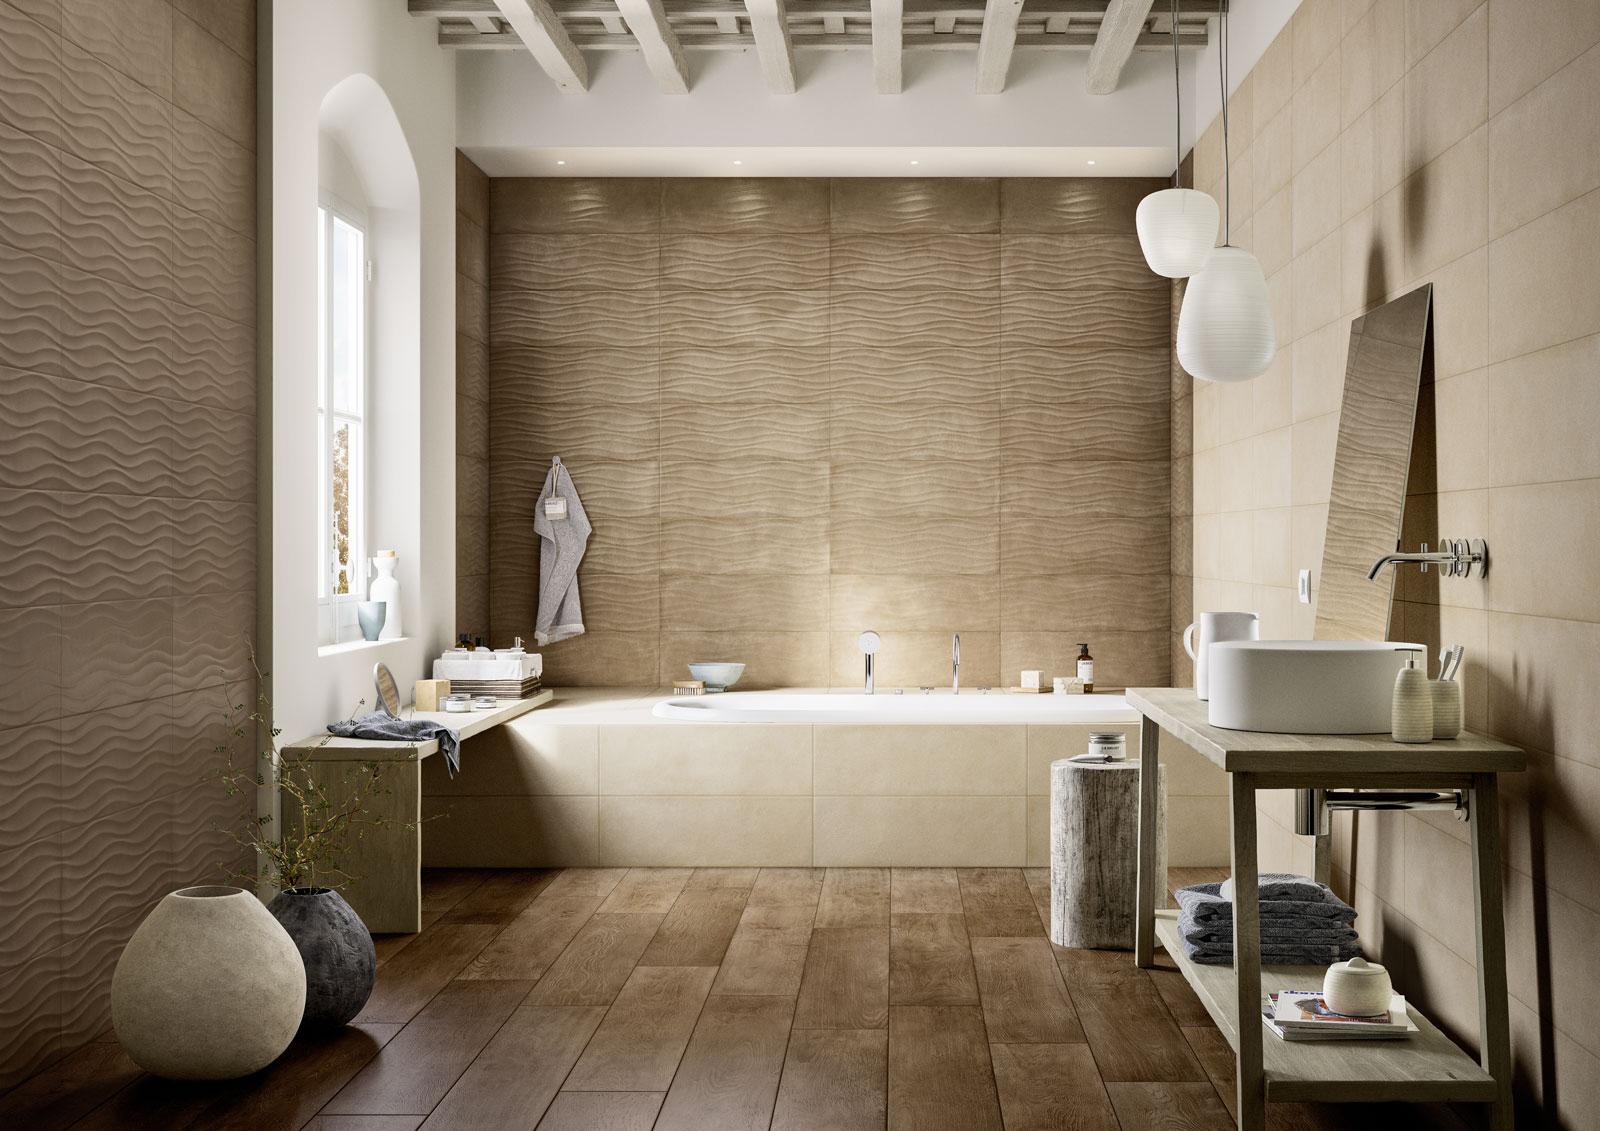 Clayline rivestimento per bagno marazzi - Ceramiche per bagno marazzi ...